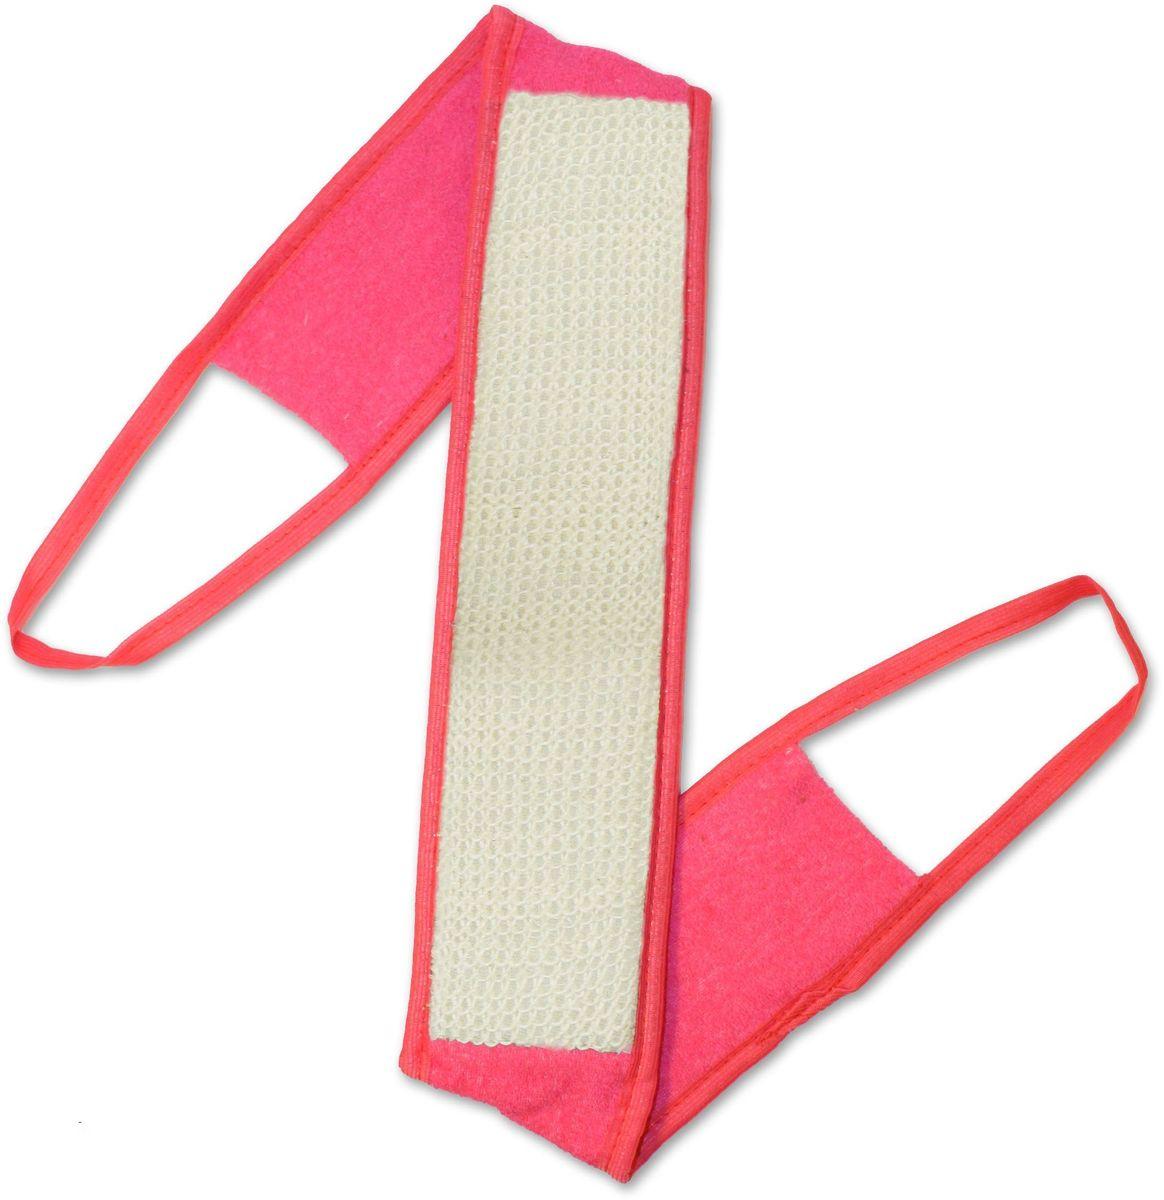 Мочалка Eva Ladies, с ручками. М2511М2511Специализированная серия для женщин с привлекательным дизайном упаковки и лучшими потребительскими свойствами.